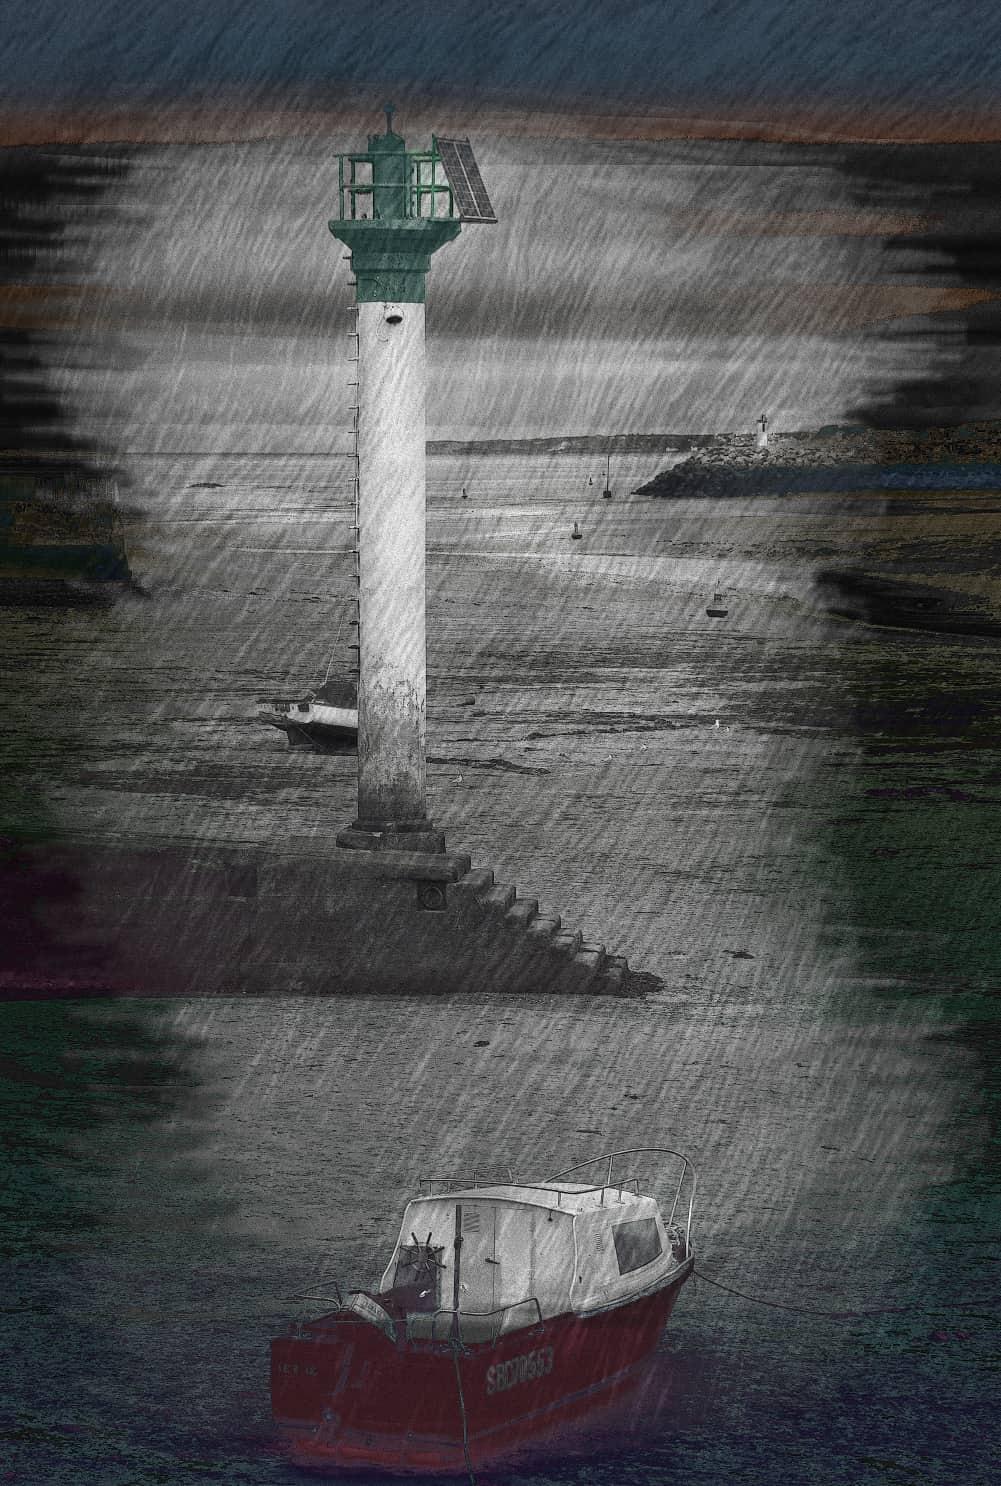 JAN LIPINA v Morlaix maják 48x32